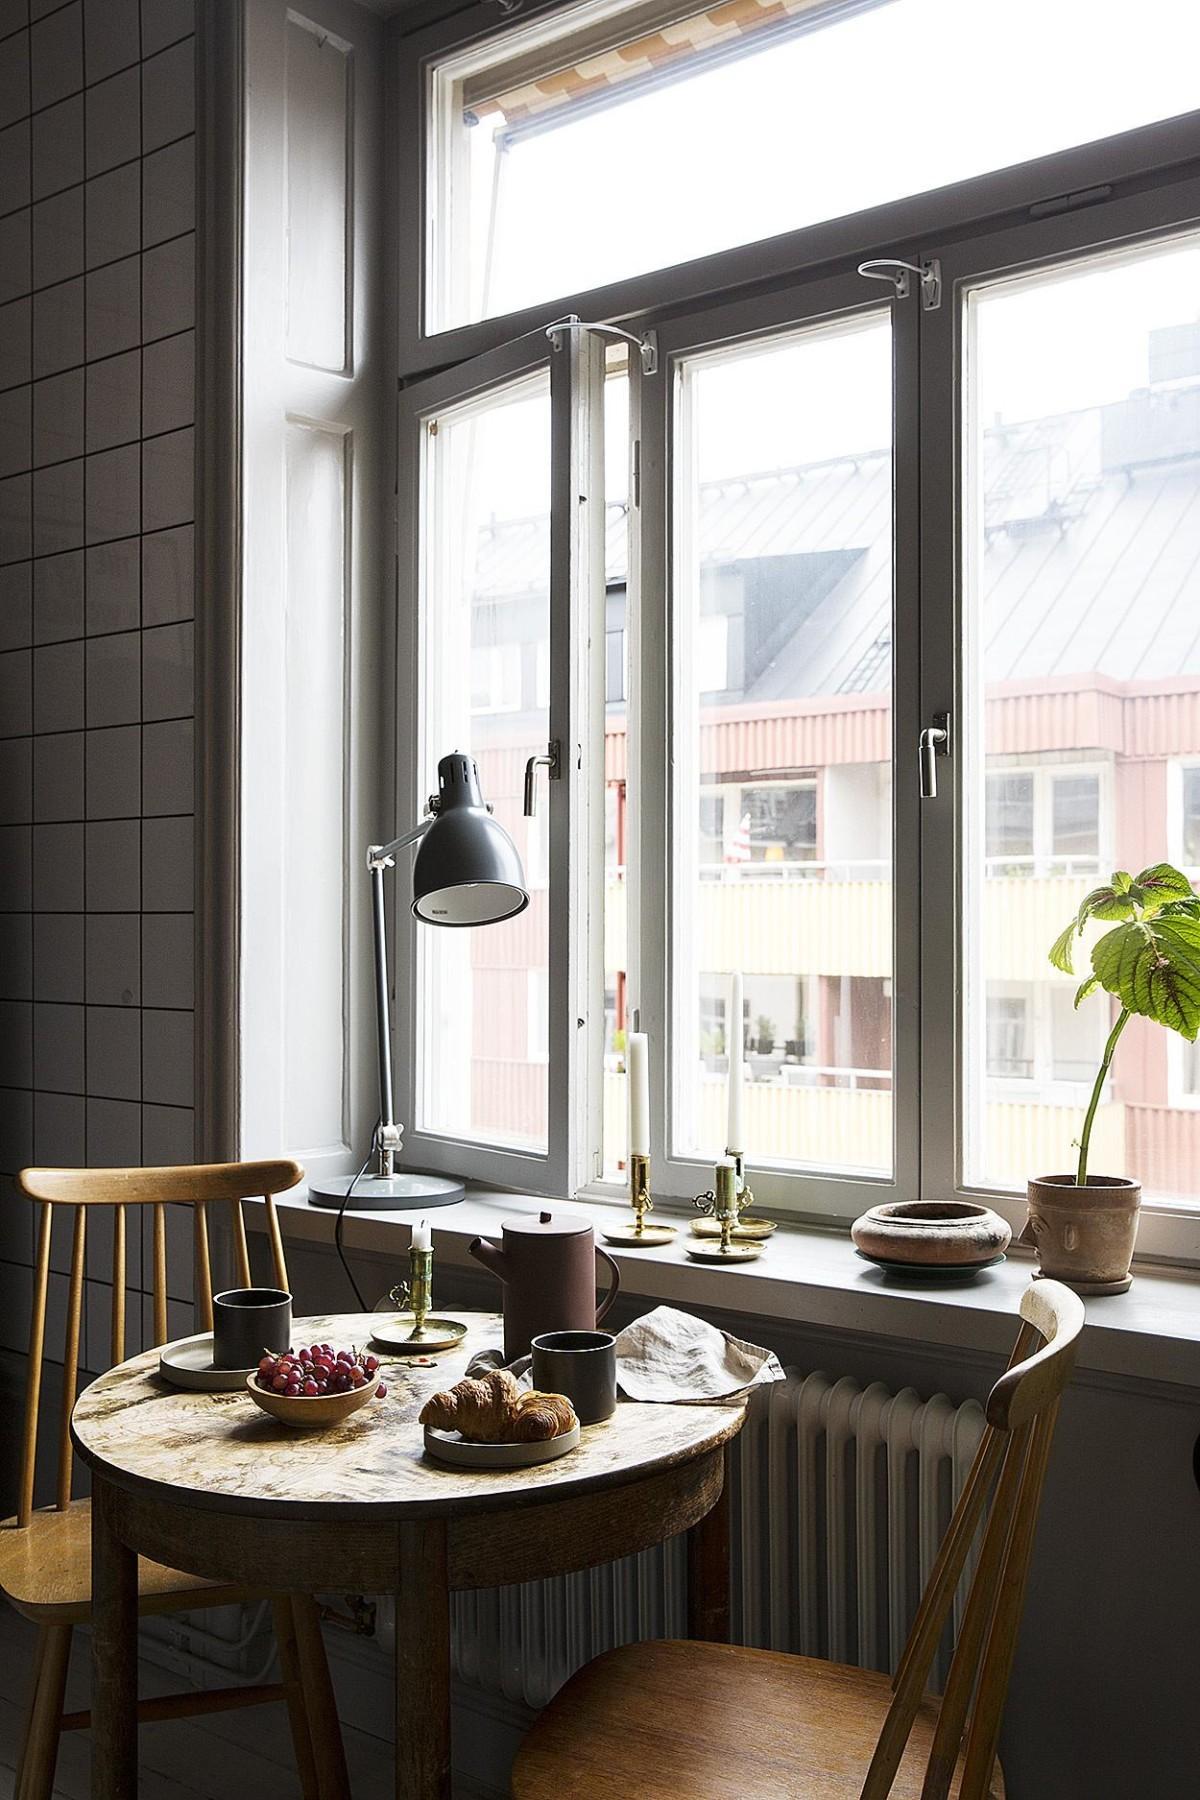 delikatissen vintage style vintage kitchen vintage decor swedish decor swedish apartment scandinavian style scandi apartment nordic style industrial style estilo nórdido decoración vintage decoración sueca decoración ecléctica apartamento sueco